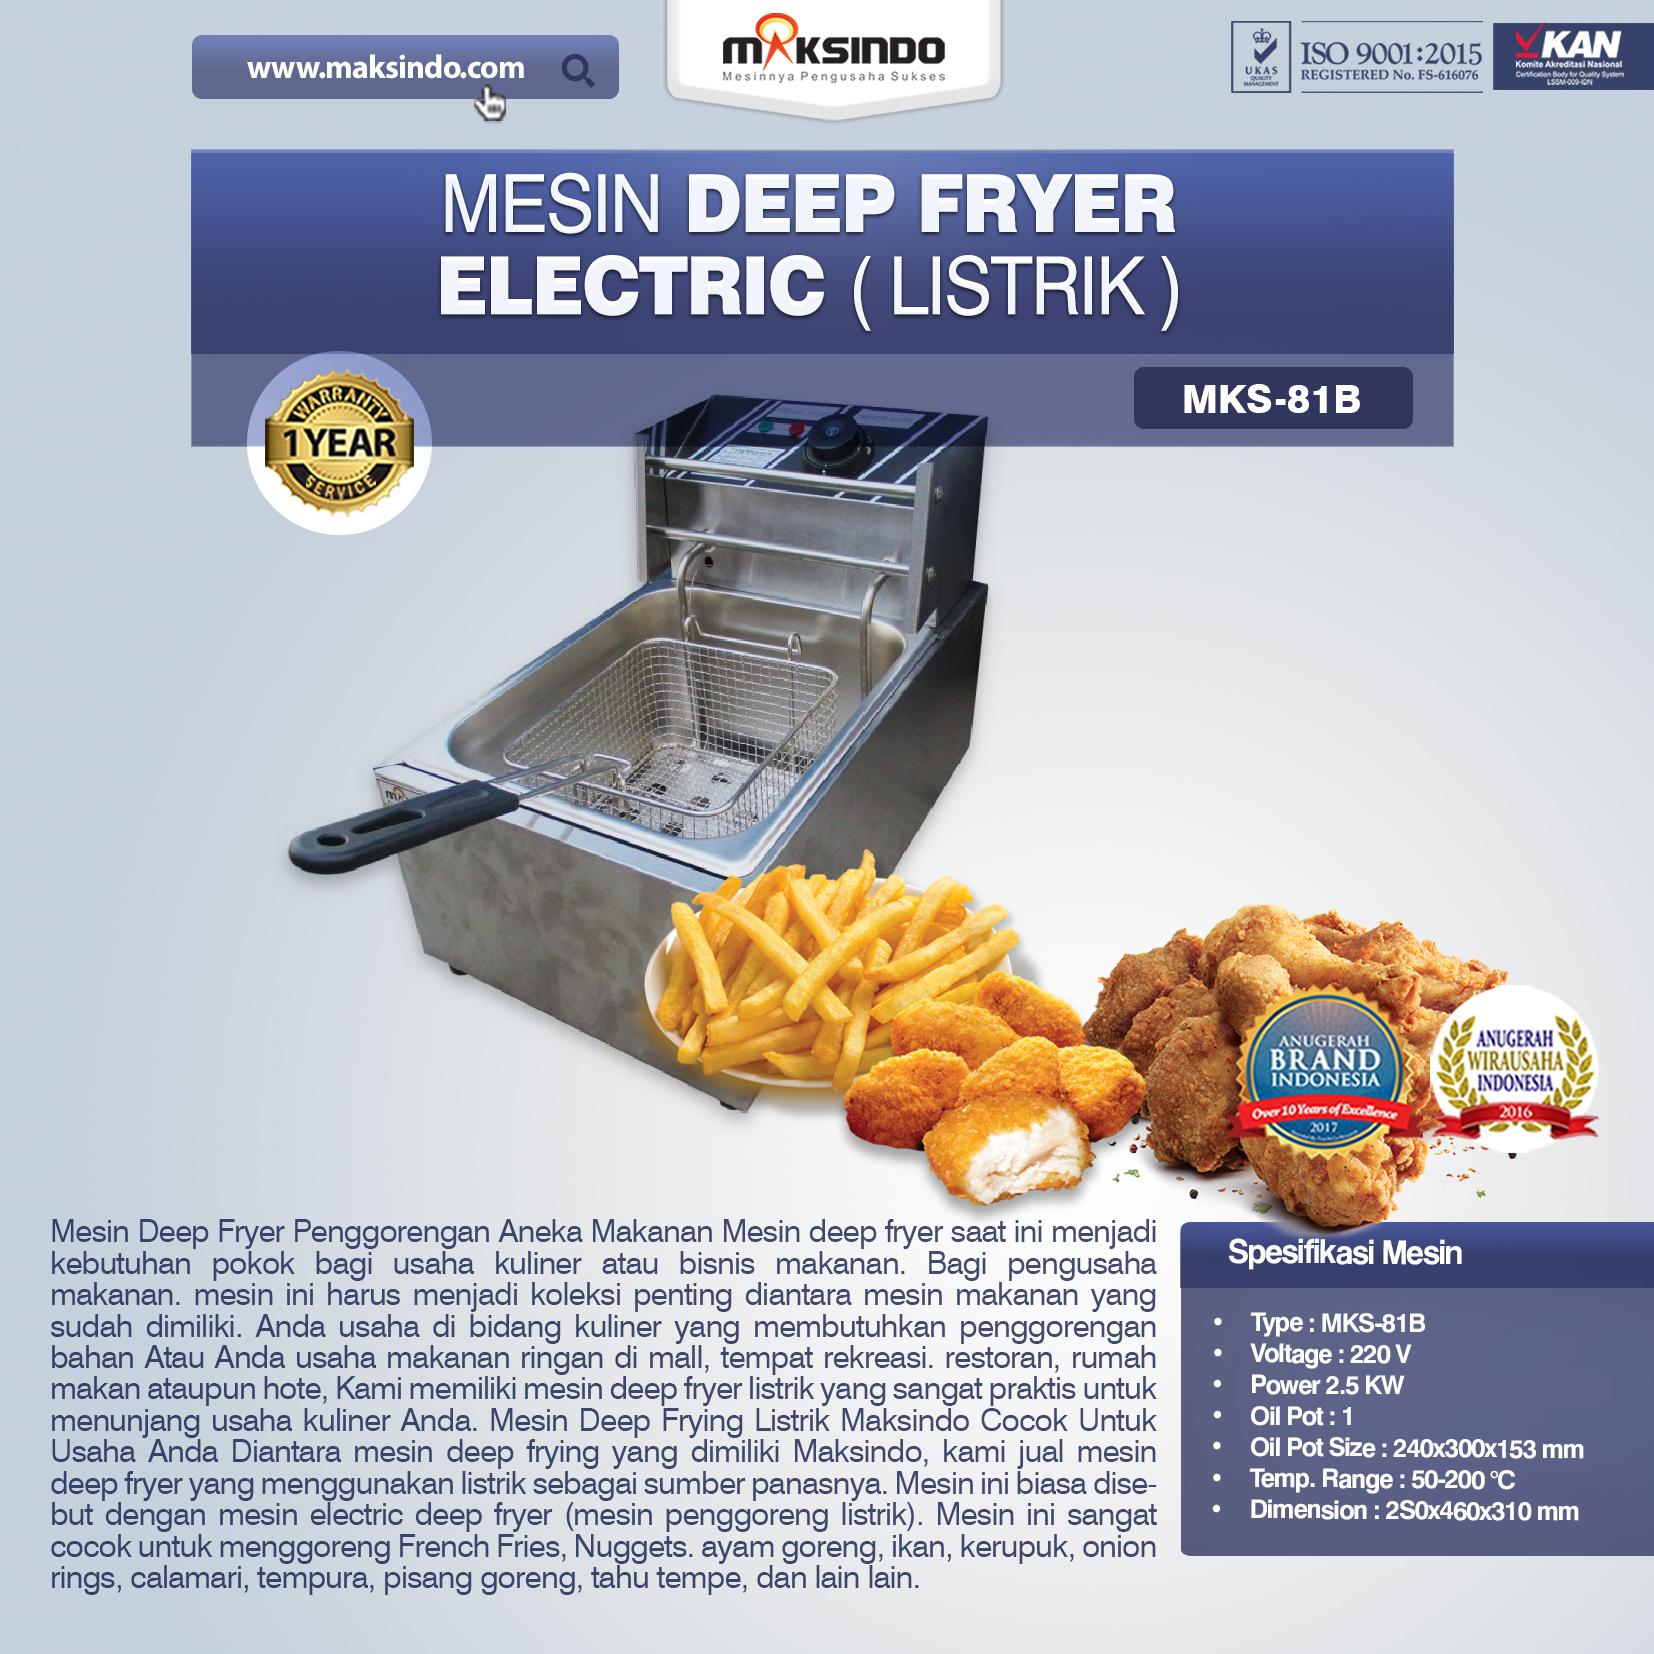 Jual  Mesin Deep Fryer Listrik MKS-81B  di Bogor